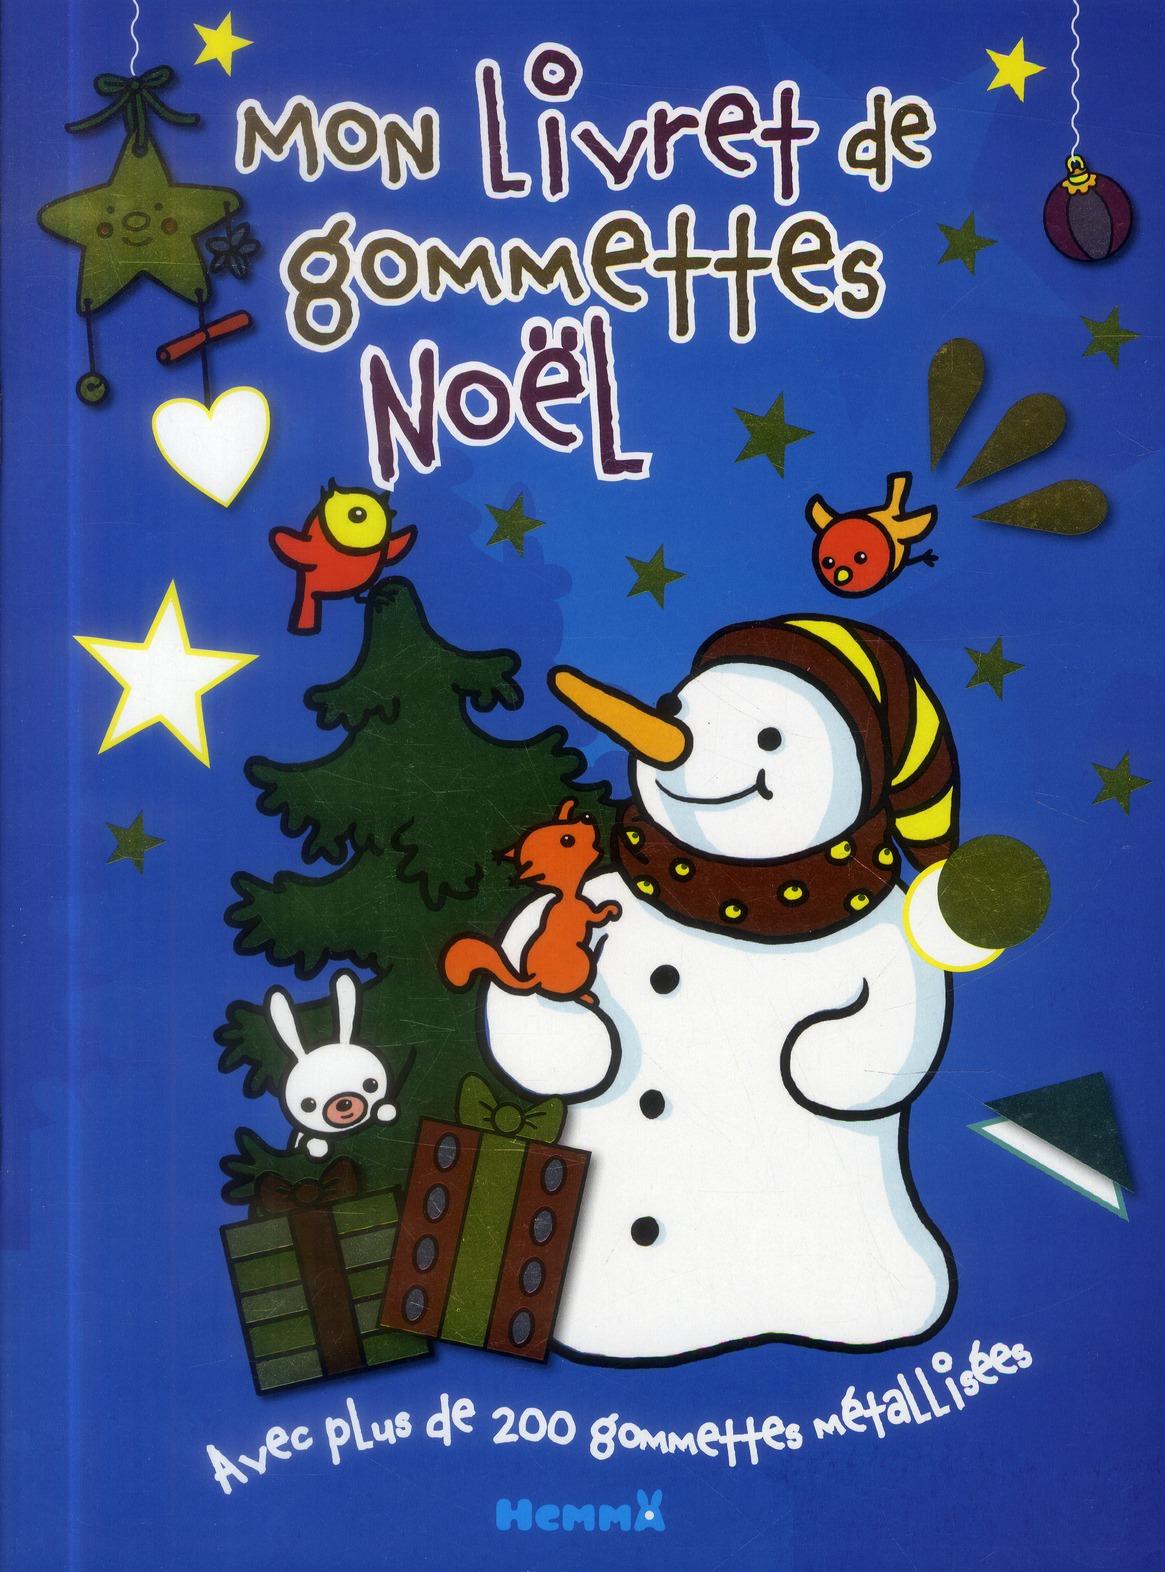 MON LIVRET GOMMETTES NOEL SAPI